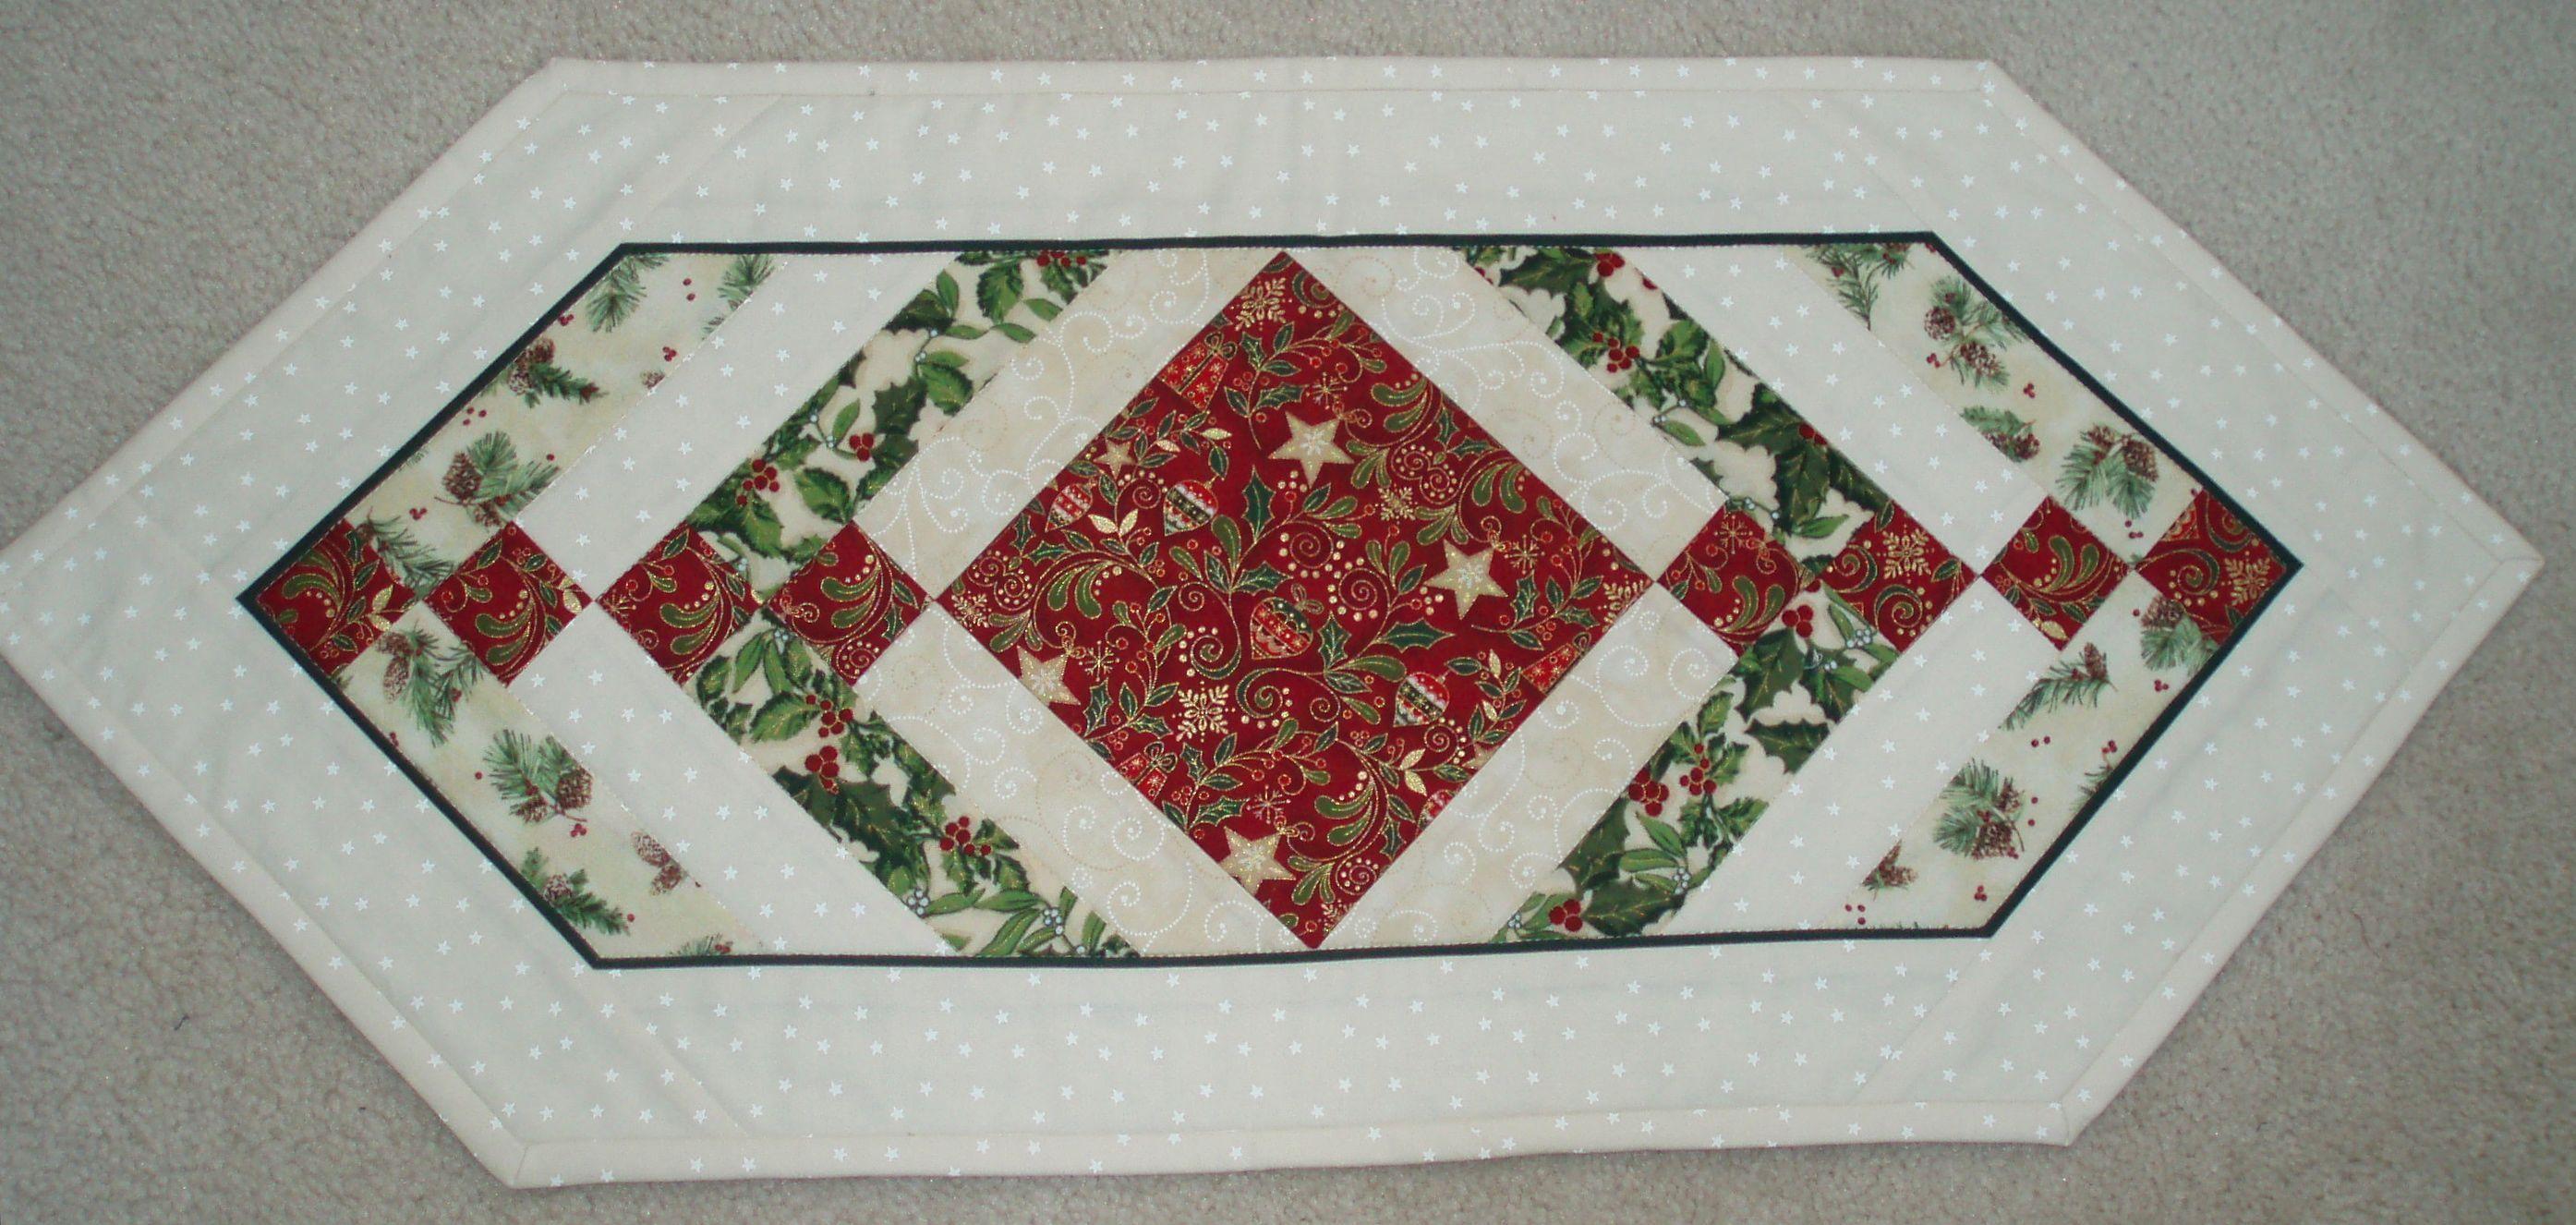 Christmas table runner quilt ideas pinterest for Table runner ideas